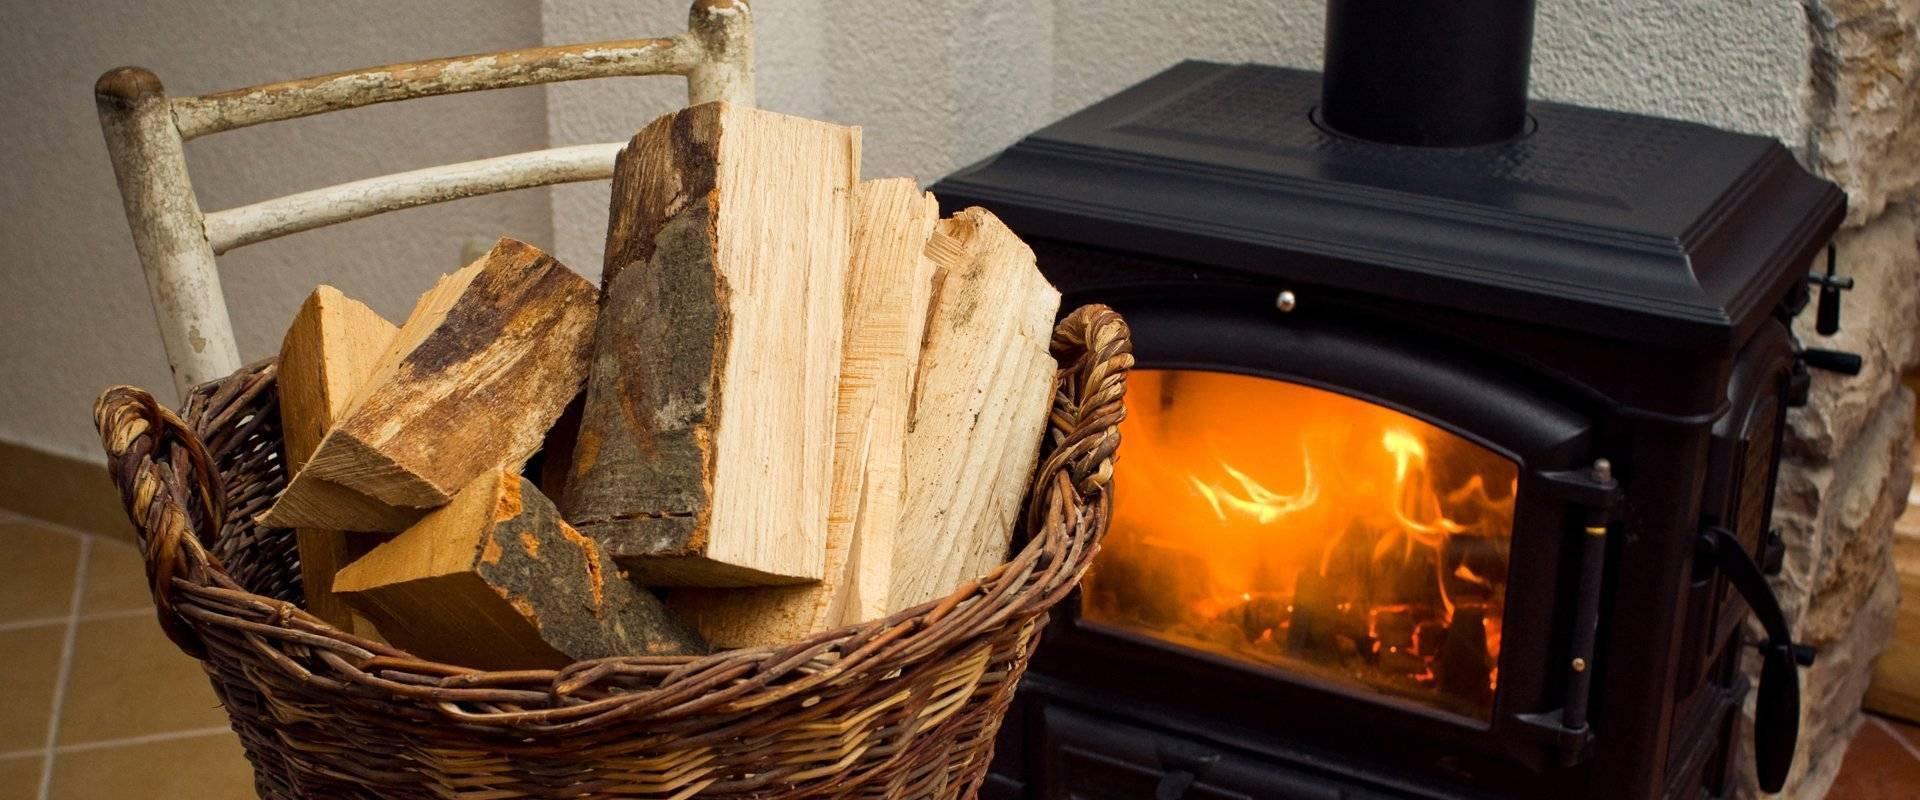 Правила и тонкости топки печей дровами в частном доме